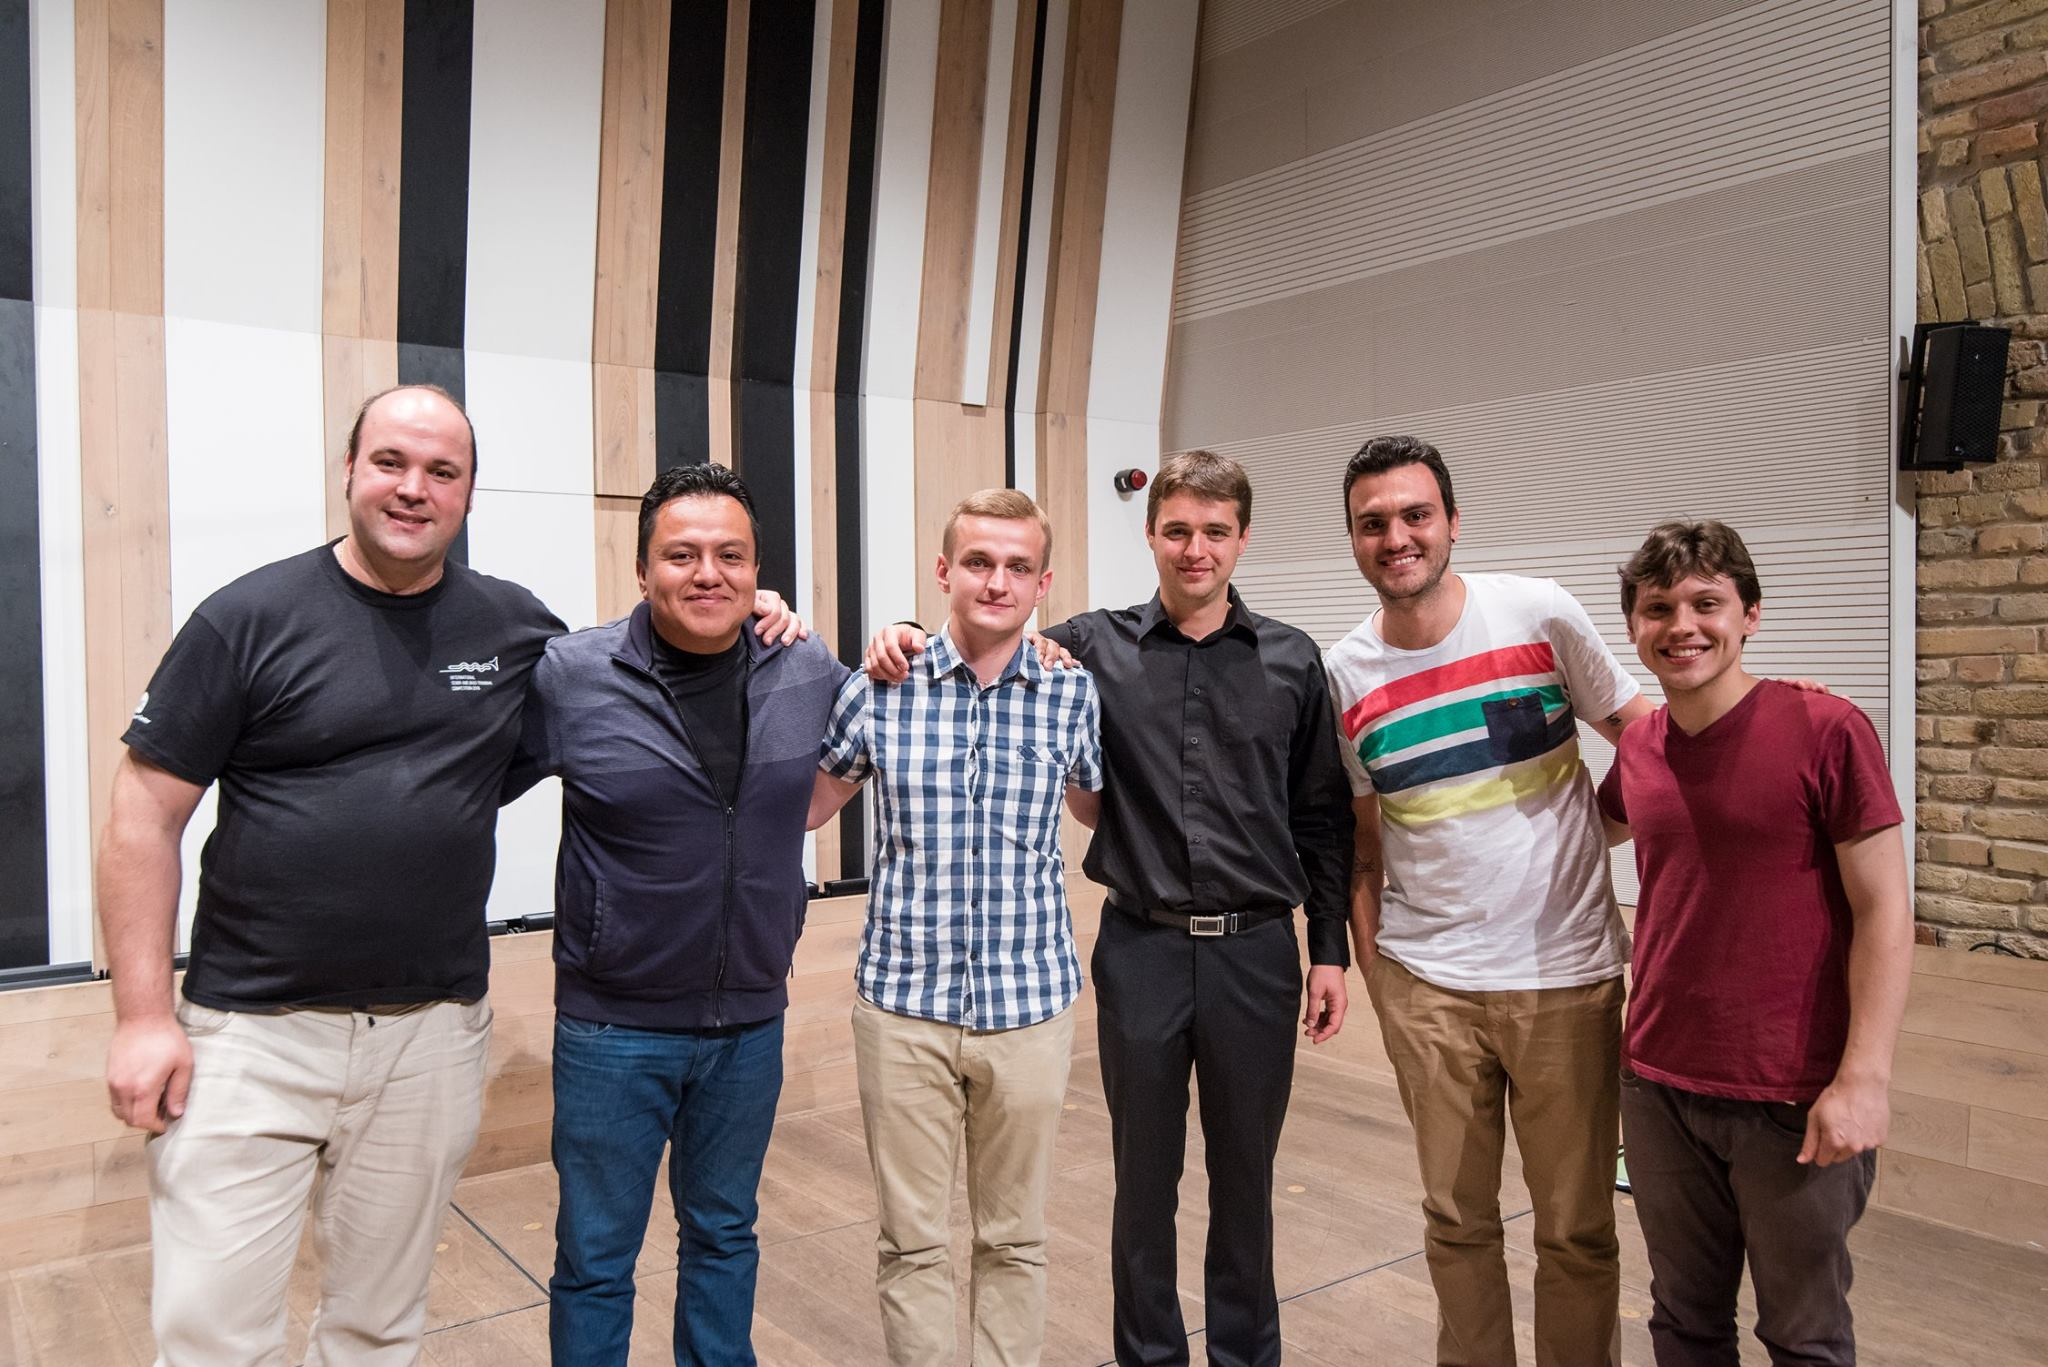 A döntős harsonások balról jobbra: Veér Mátyás, Ricardo Faustino Diaz, Karol Gajda, Juhász István, Sebastian Cifuentes Zuluaga, Adib Corrêa Vera